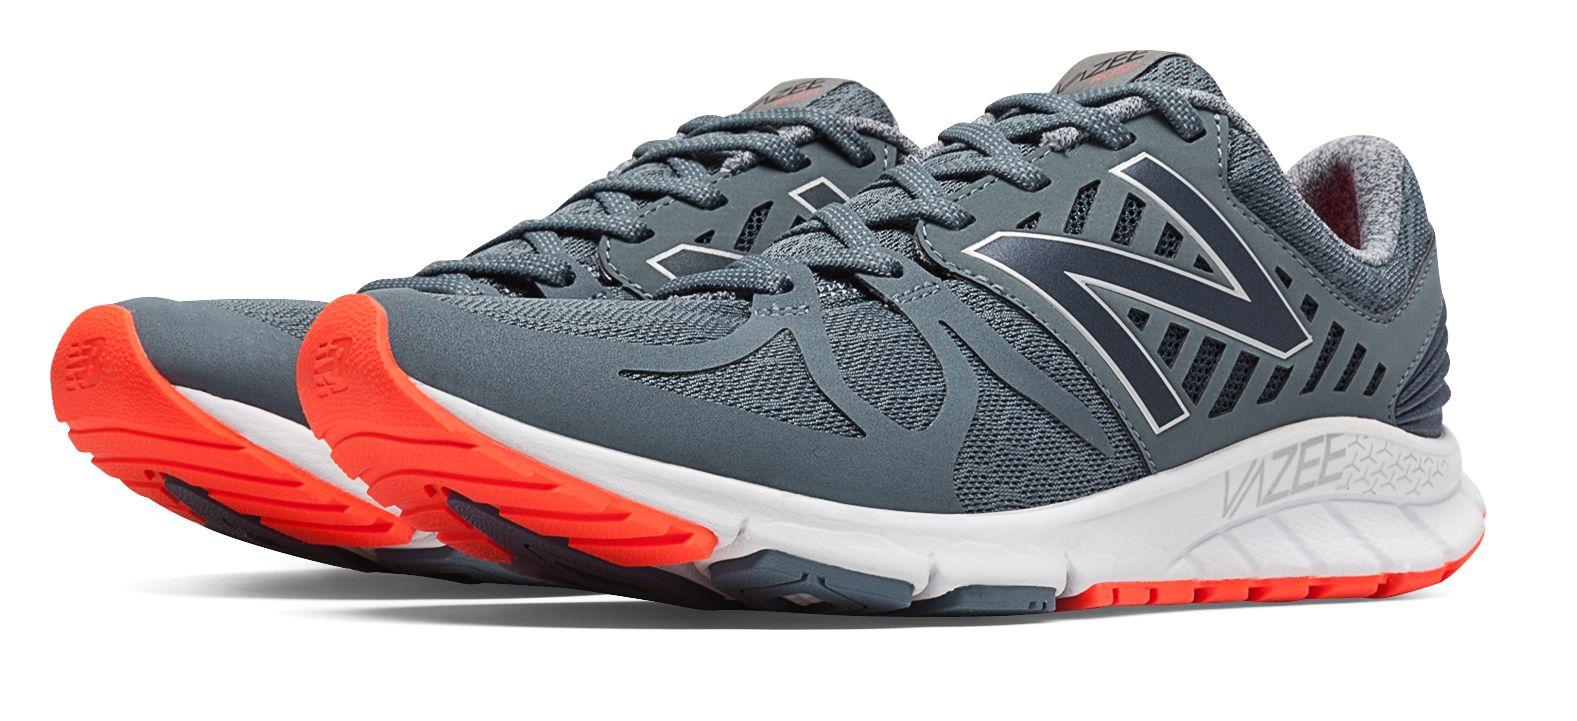 New Balance Vazee Rush Mens Running Shoes  -  Mrushgo - 10.5 - 2e